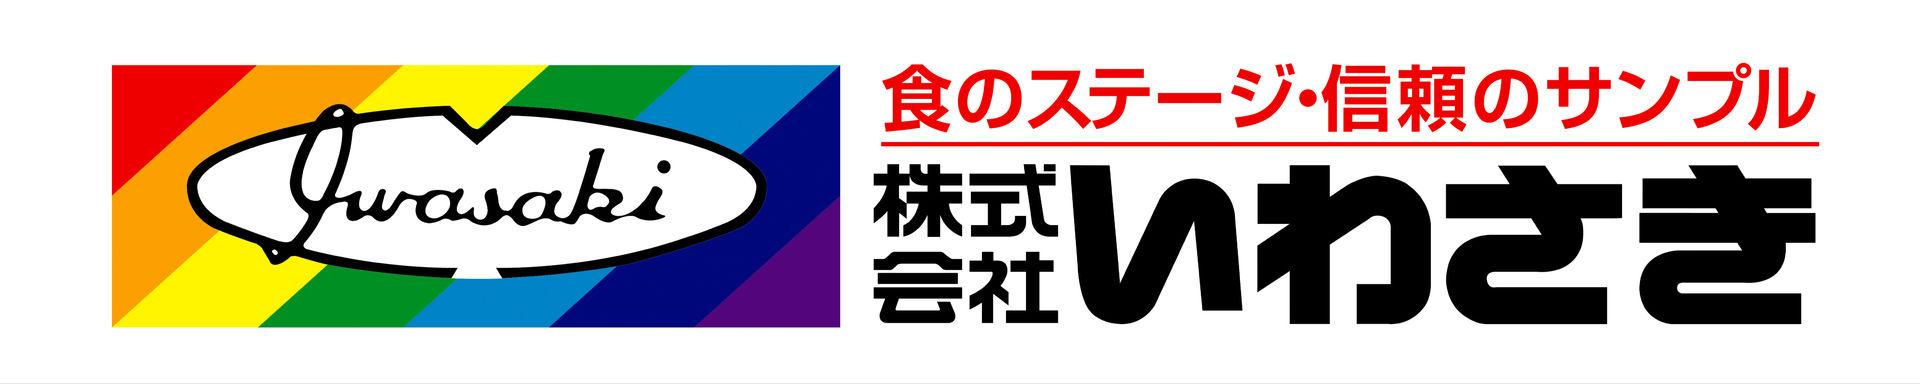 株式会社いわさき 北大阪営業所